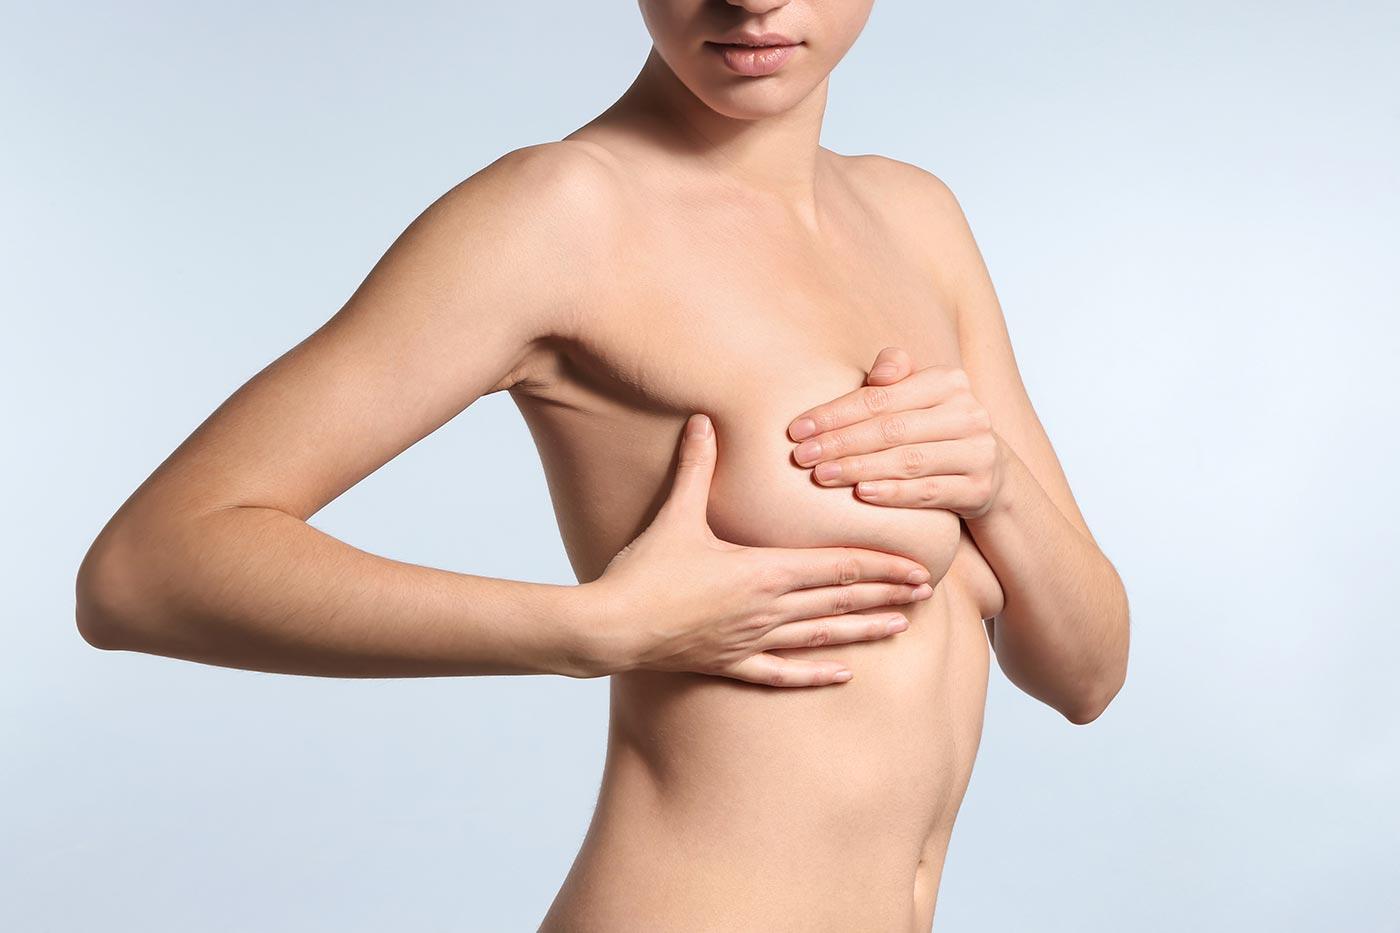 Podnoszenie biustu po ciąży